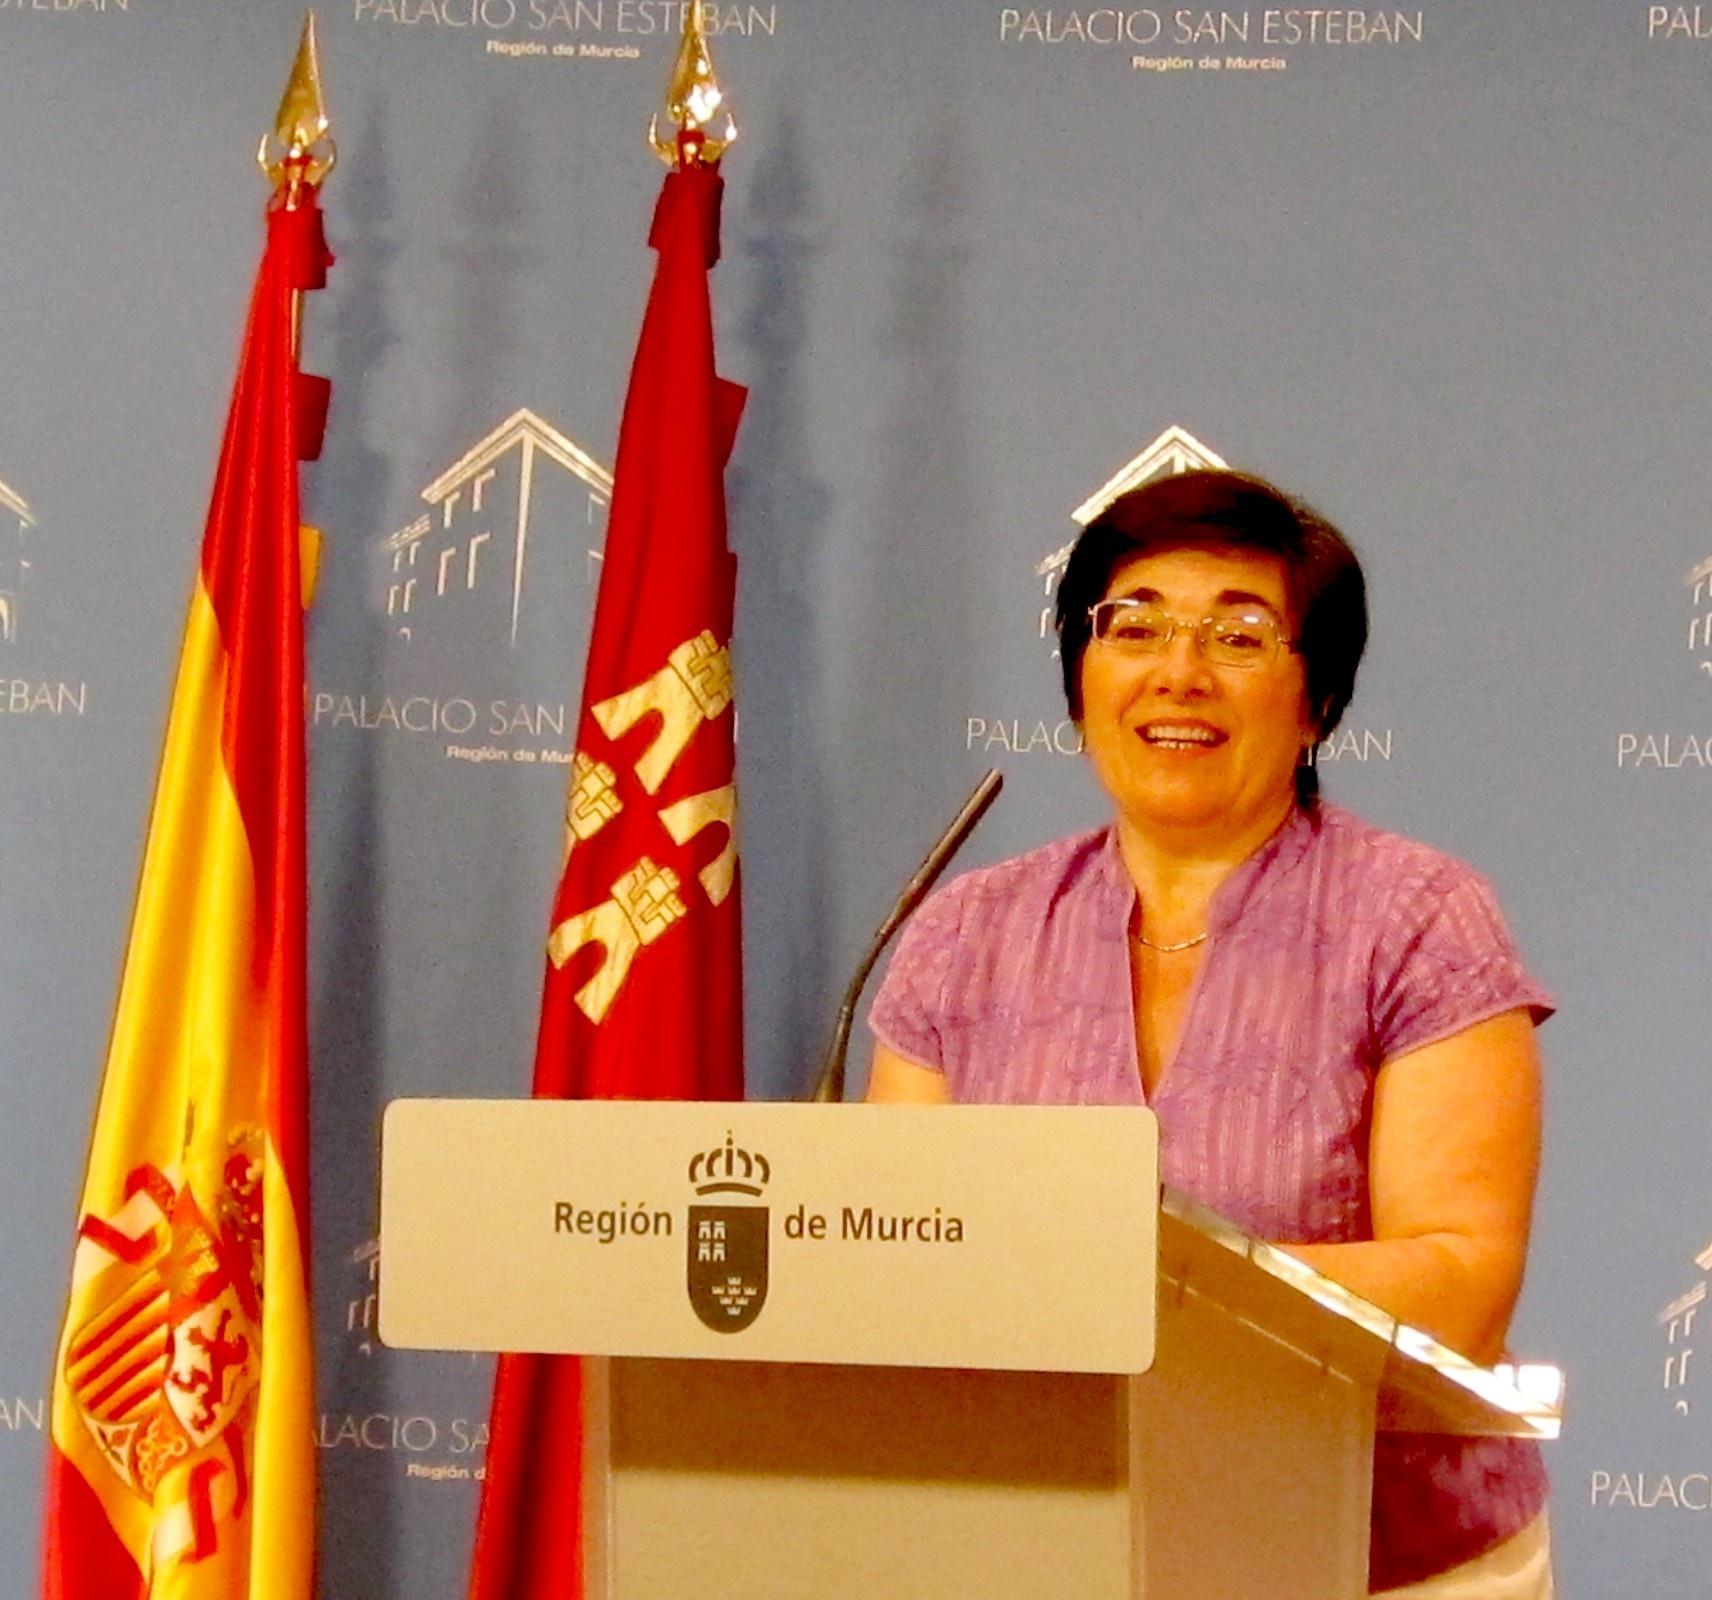 TSJ de Murcia acuerda la apertura de juicio oral contra la alcaldesa de Pliego y su antecesor por prevaricación